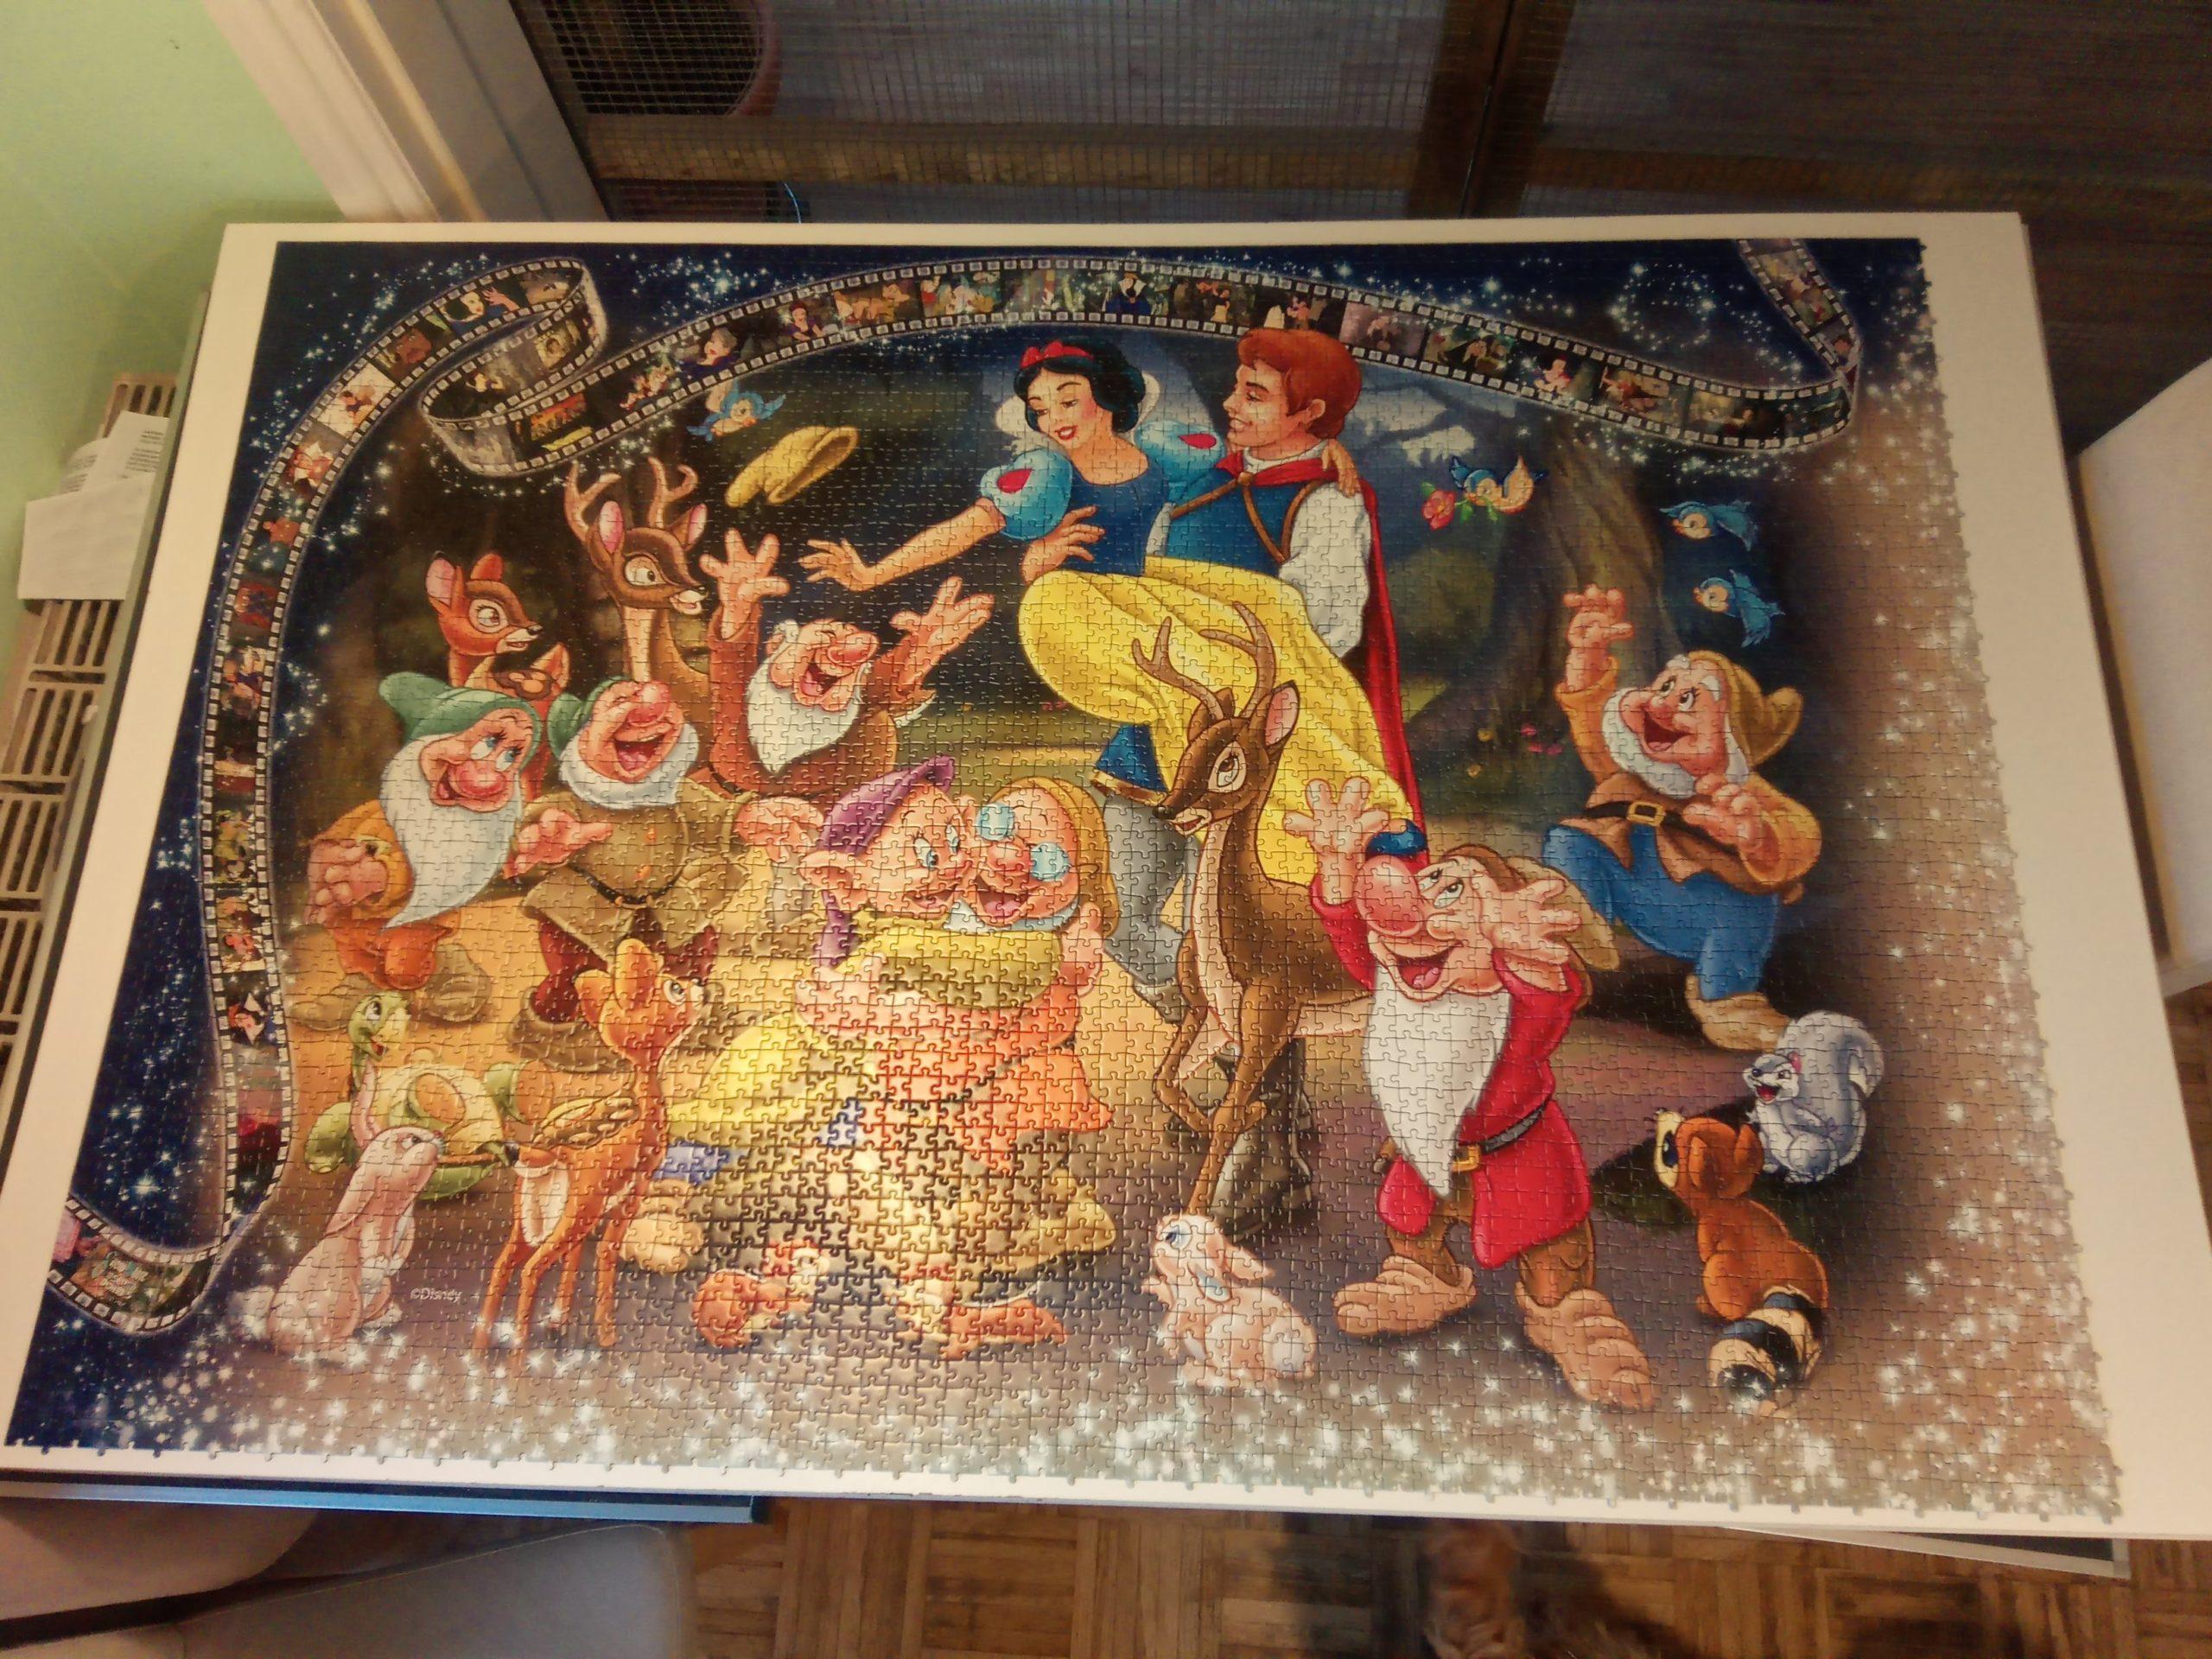 40320 Puzzleteile sind fertig gelegt